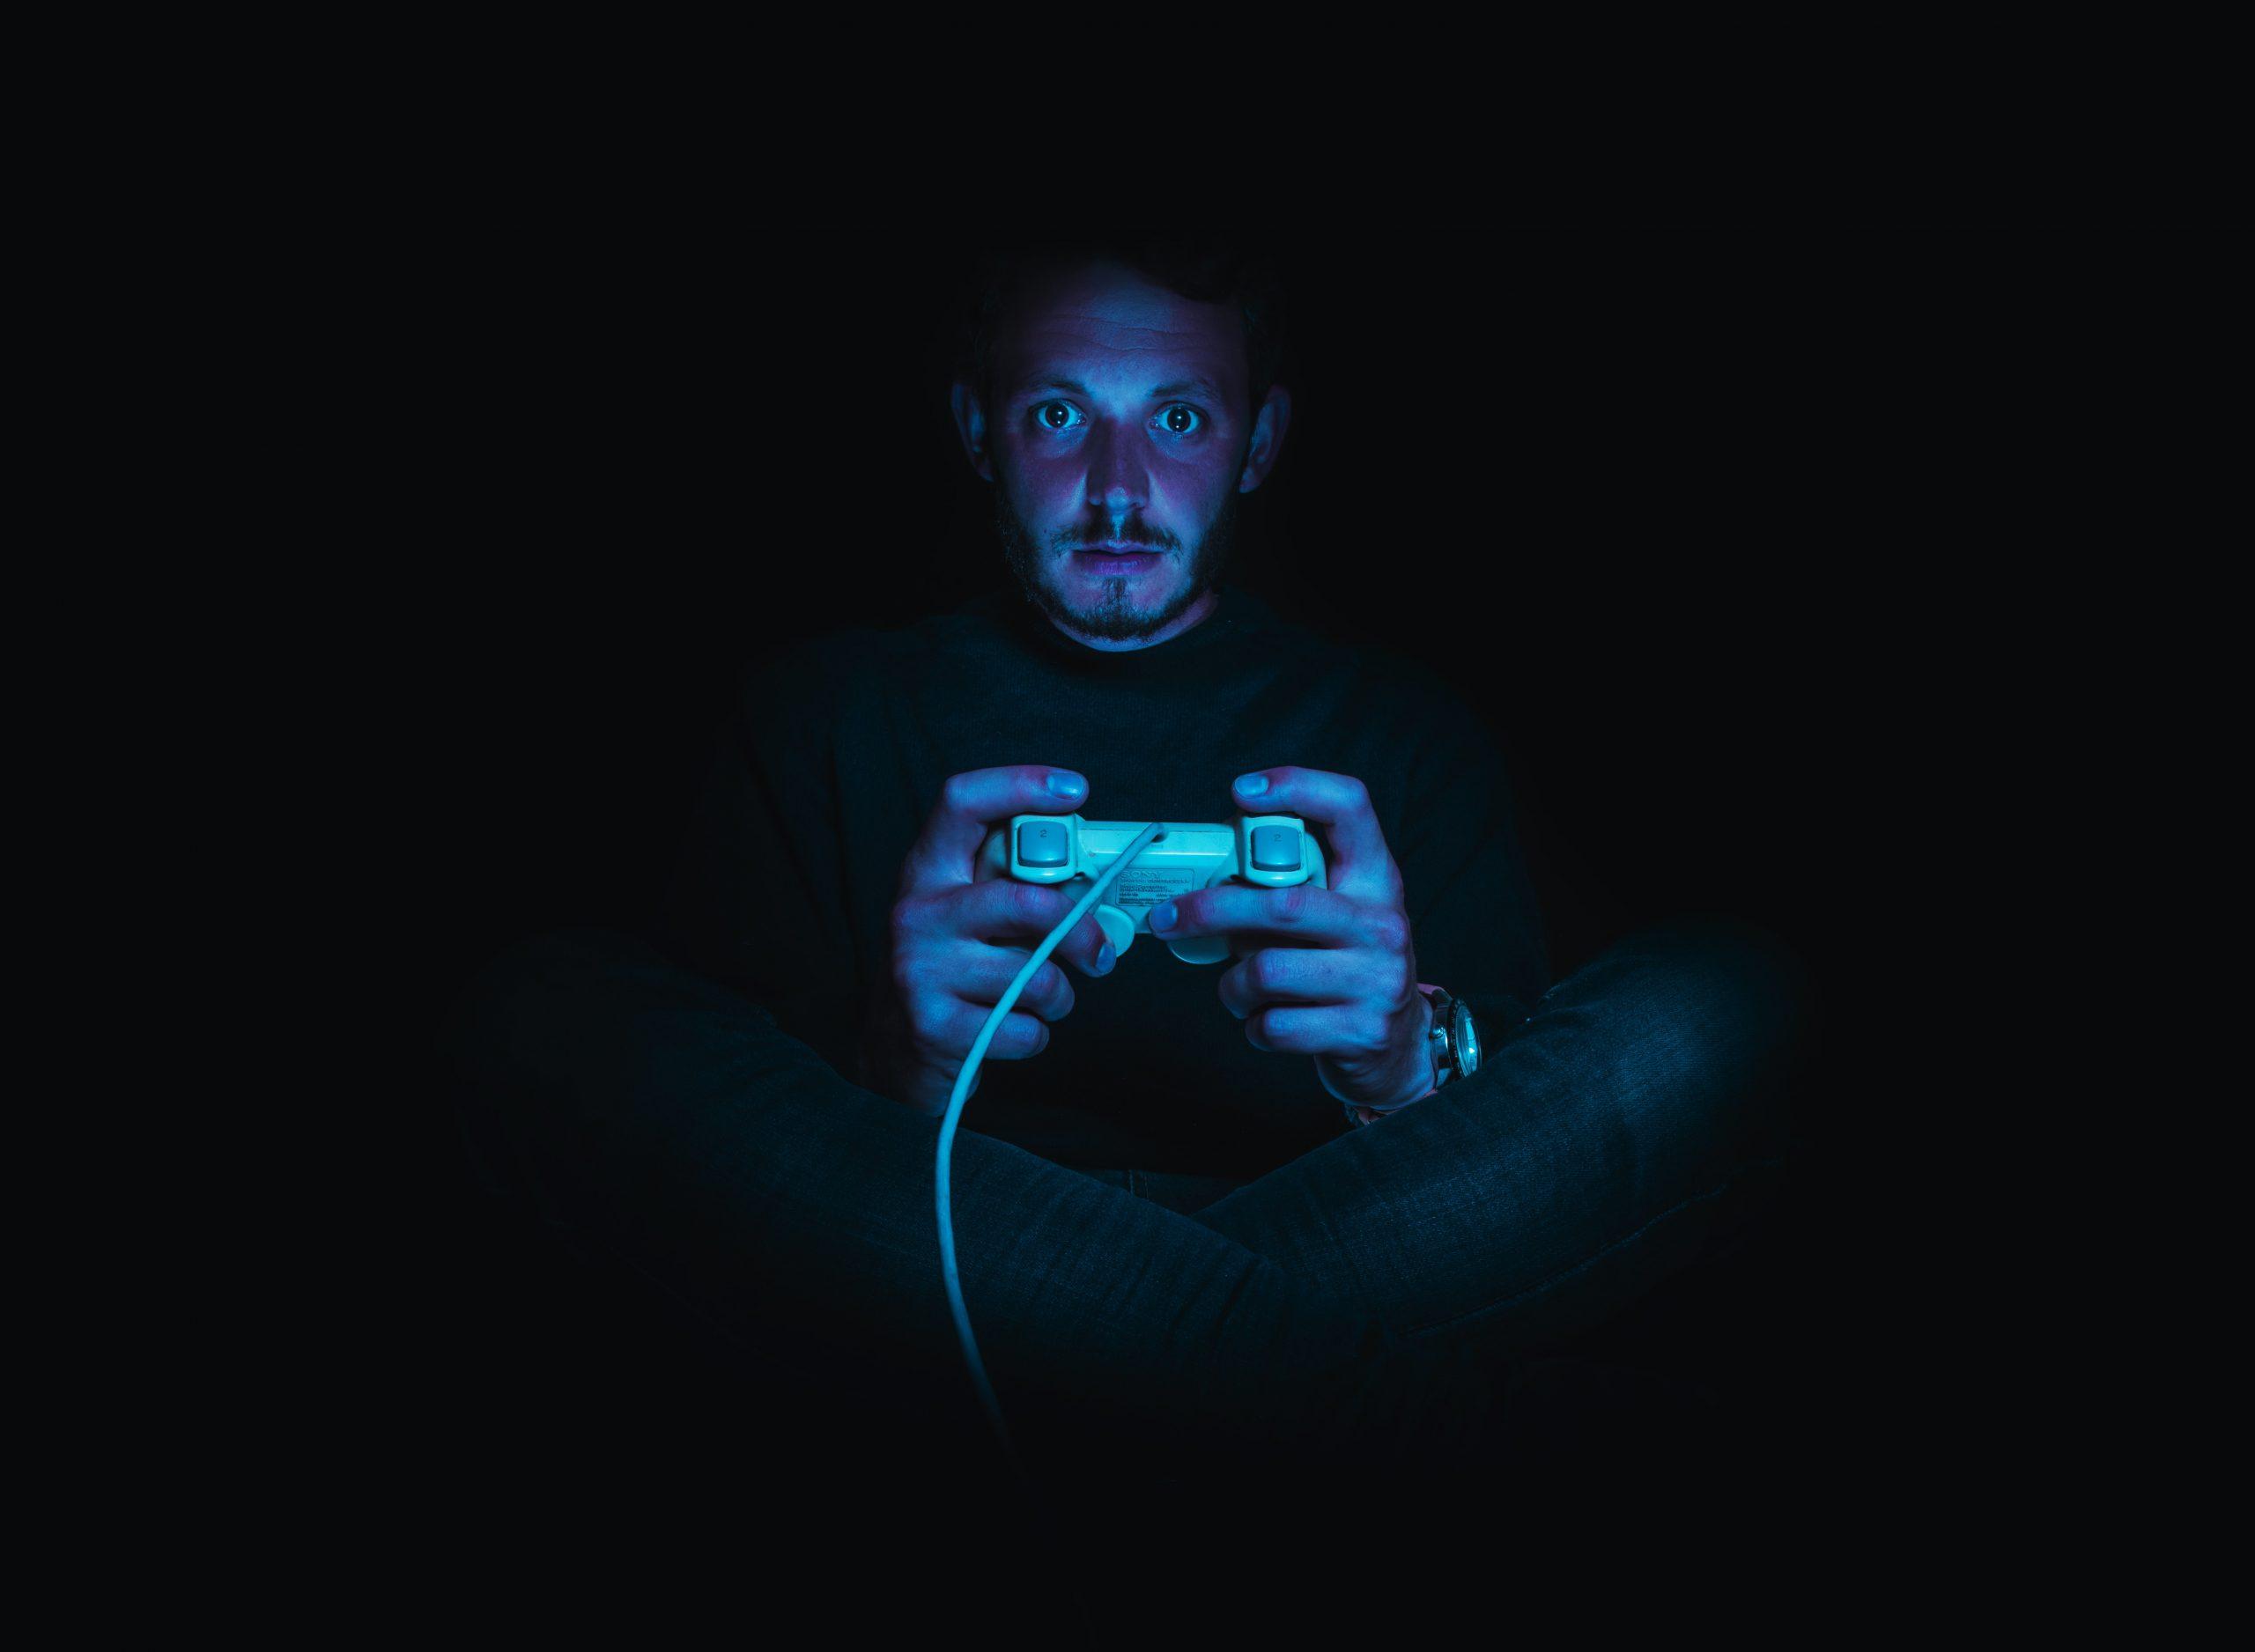 Kompiuterinių žaidimų mėgėjas. Alexander Andrews nuotrauka iš Unsplash.com